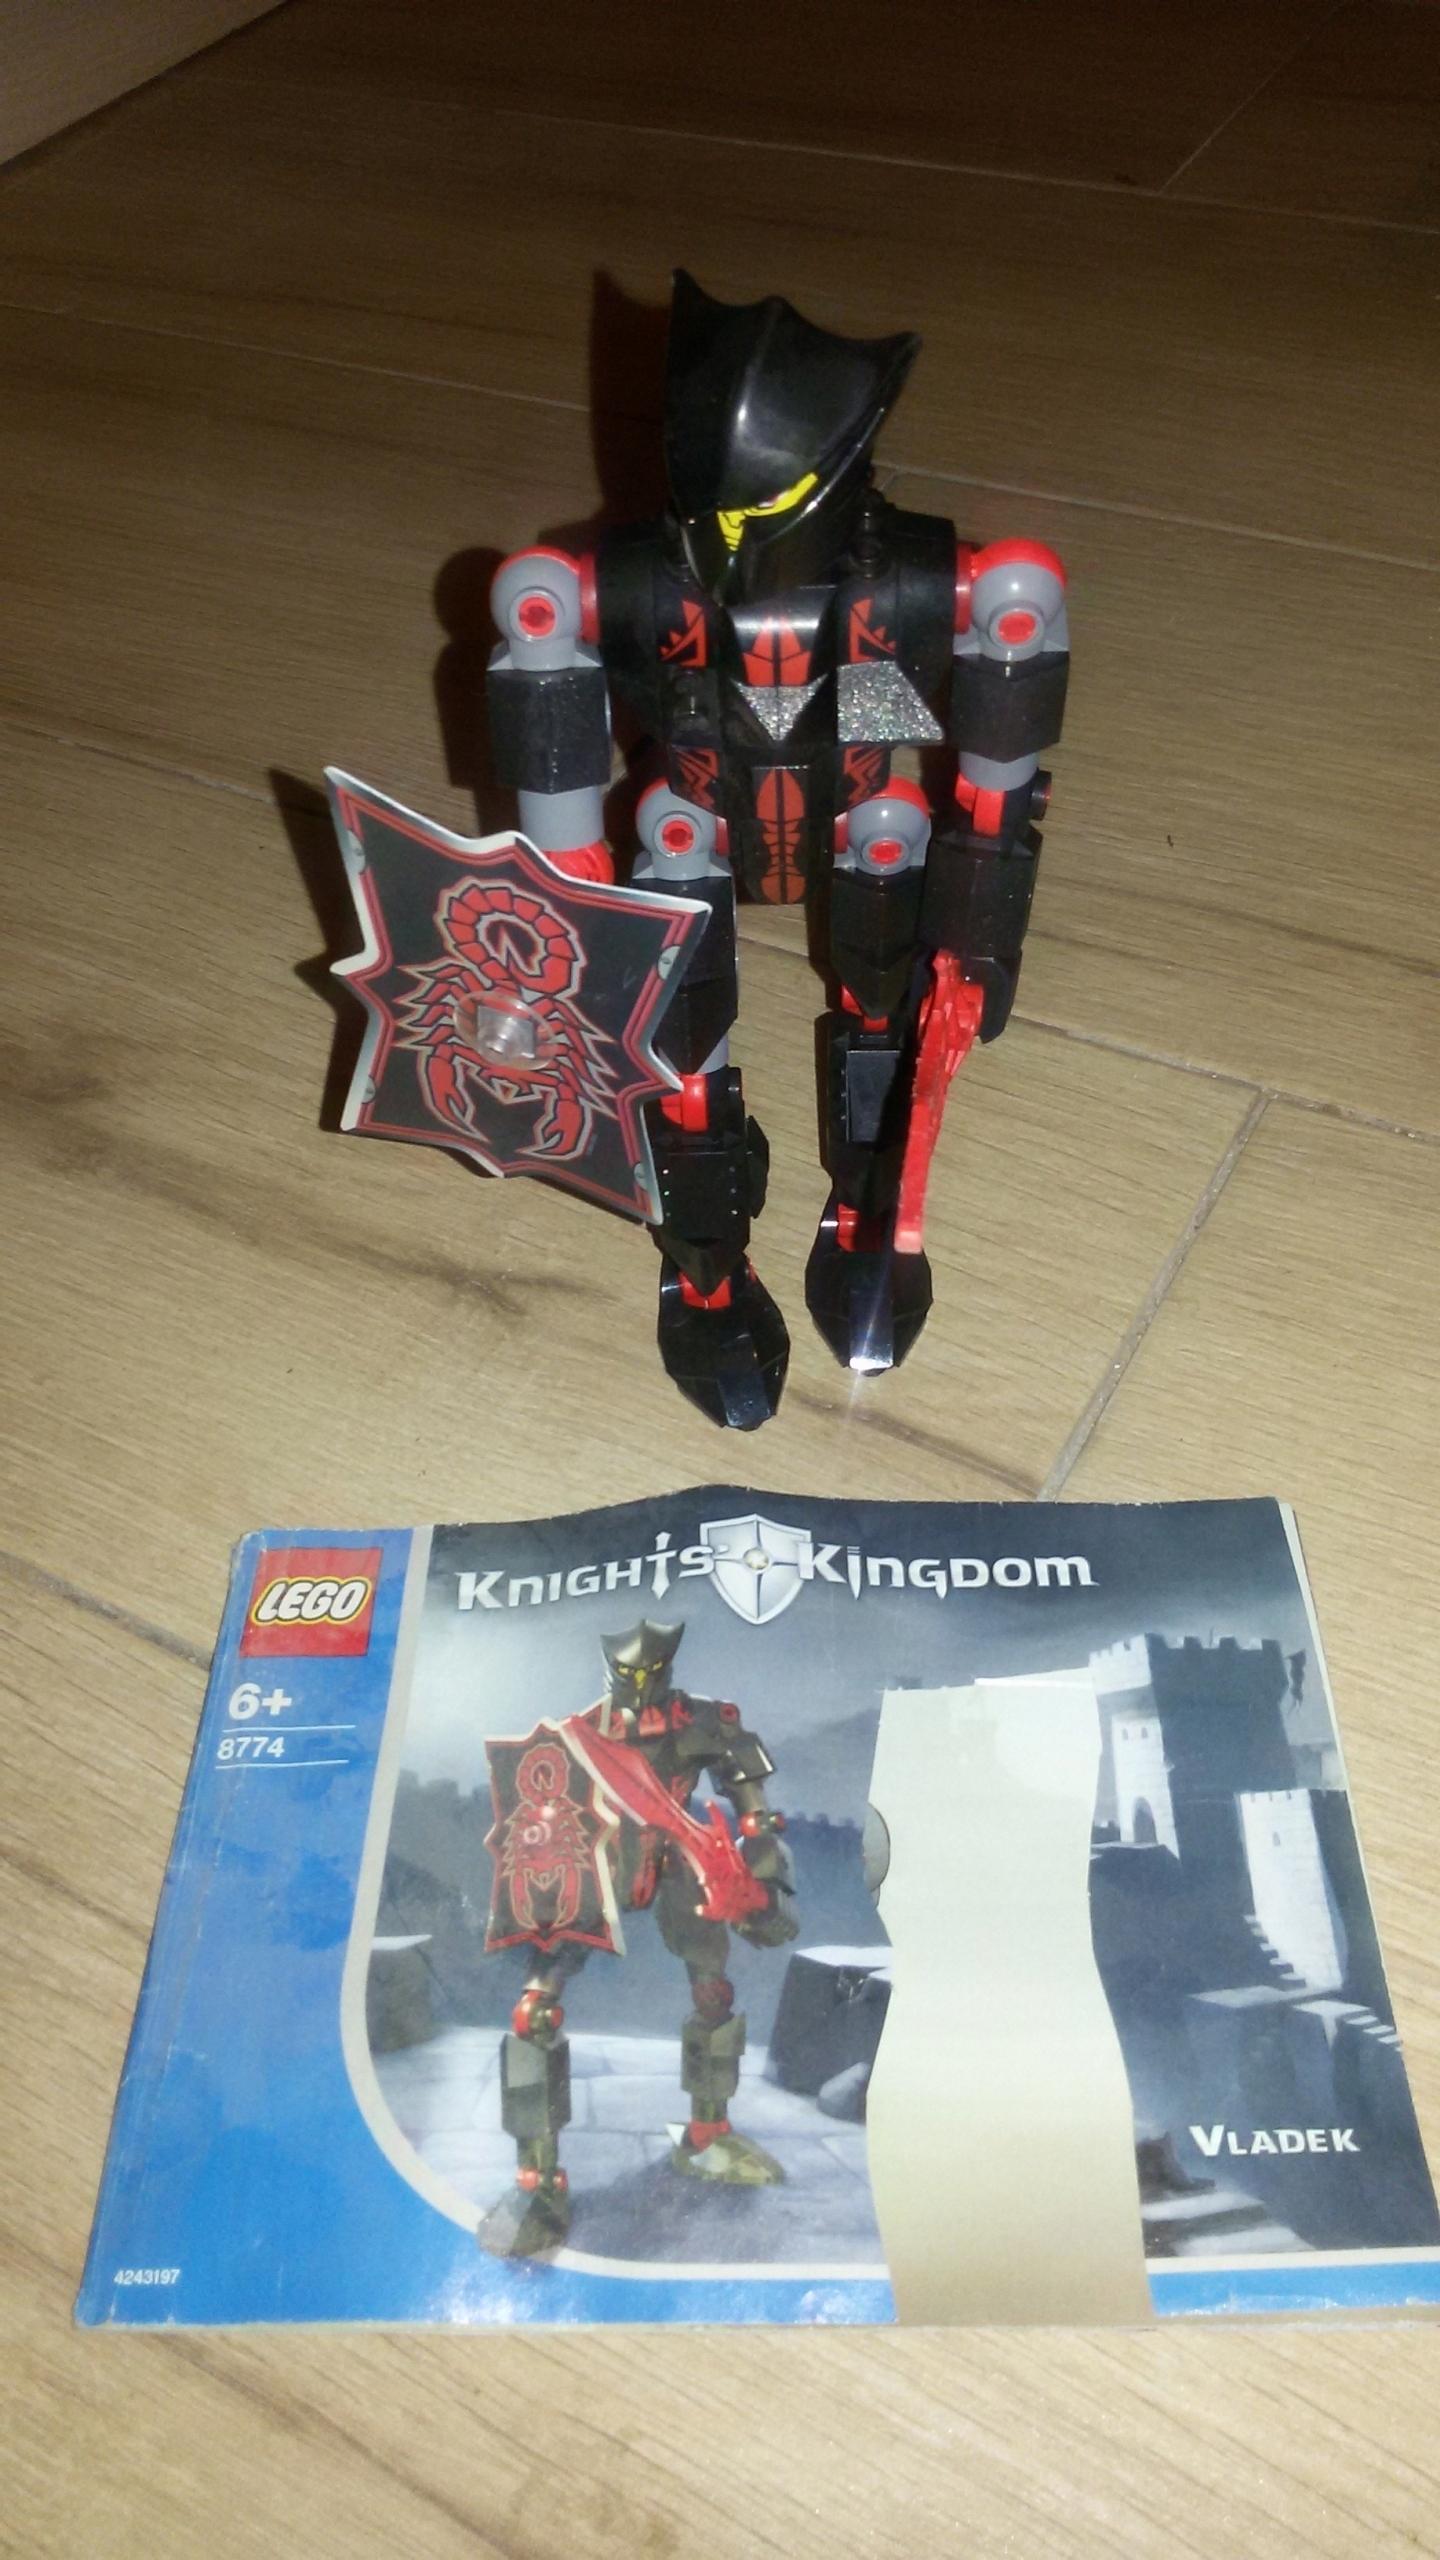 Lego 8774 Knights Kingstom - Vladek